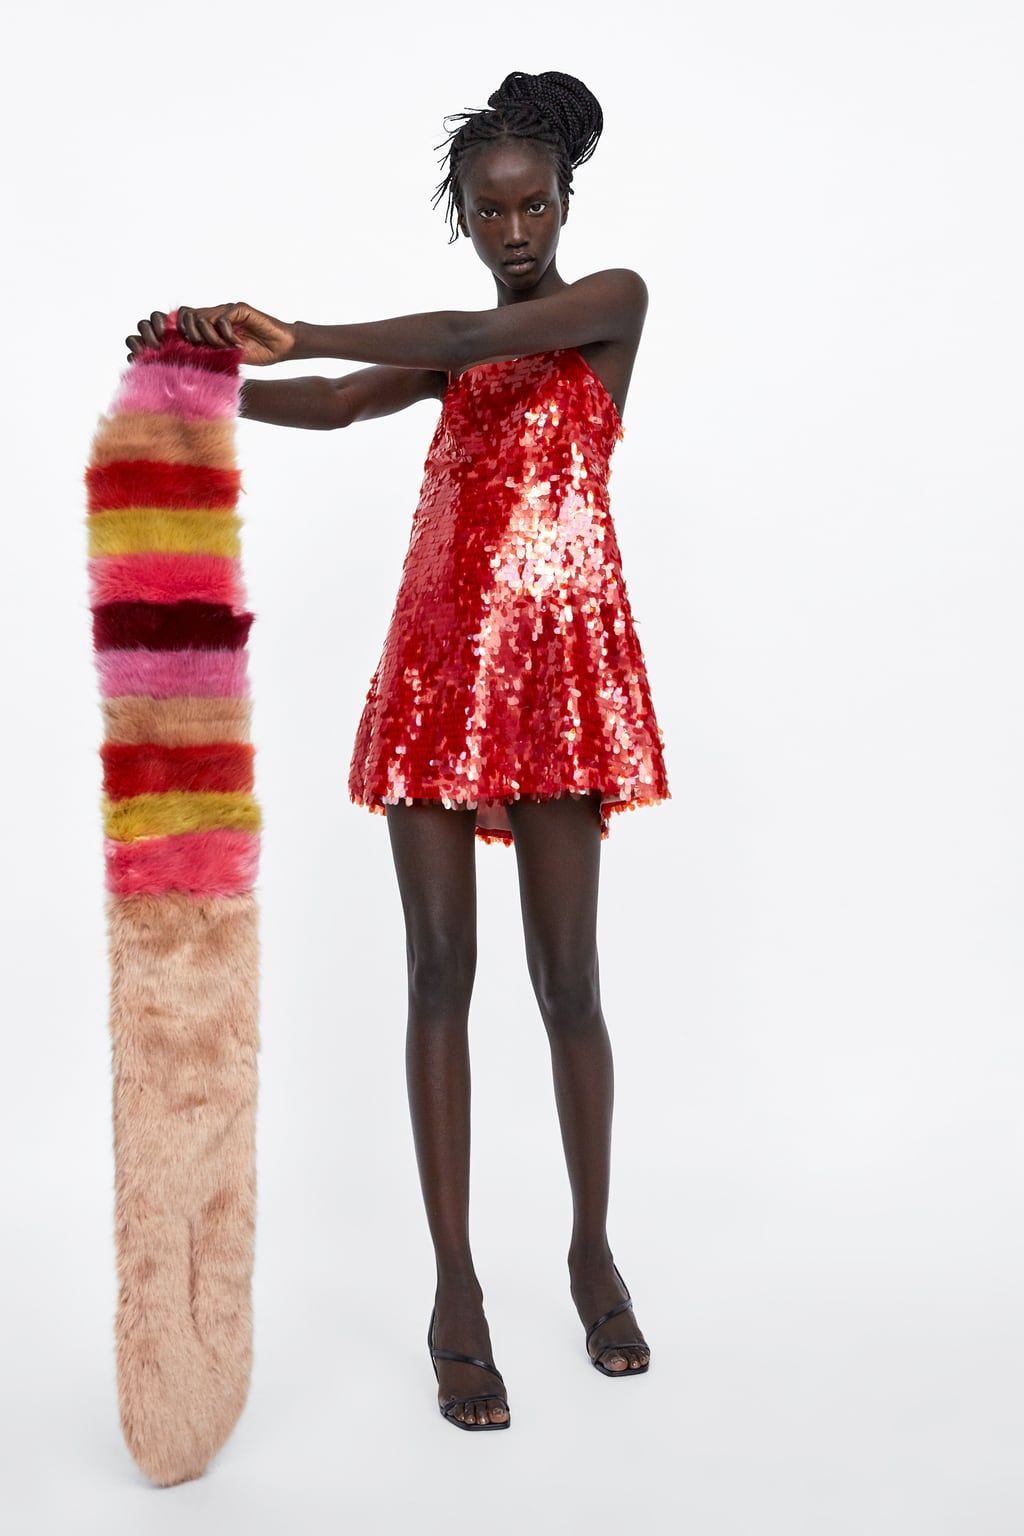 'brillibrilli' Saca Colección De Vestidos Ideales Zara Una 5jLcq34AR